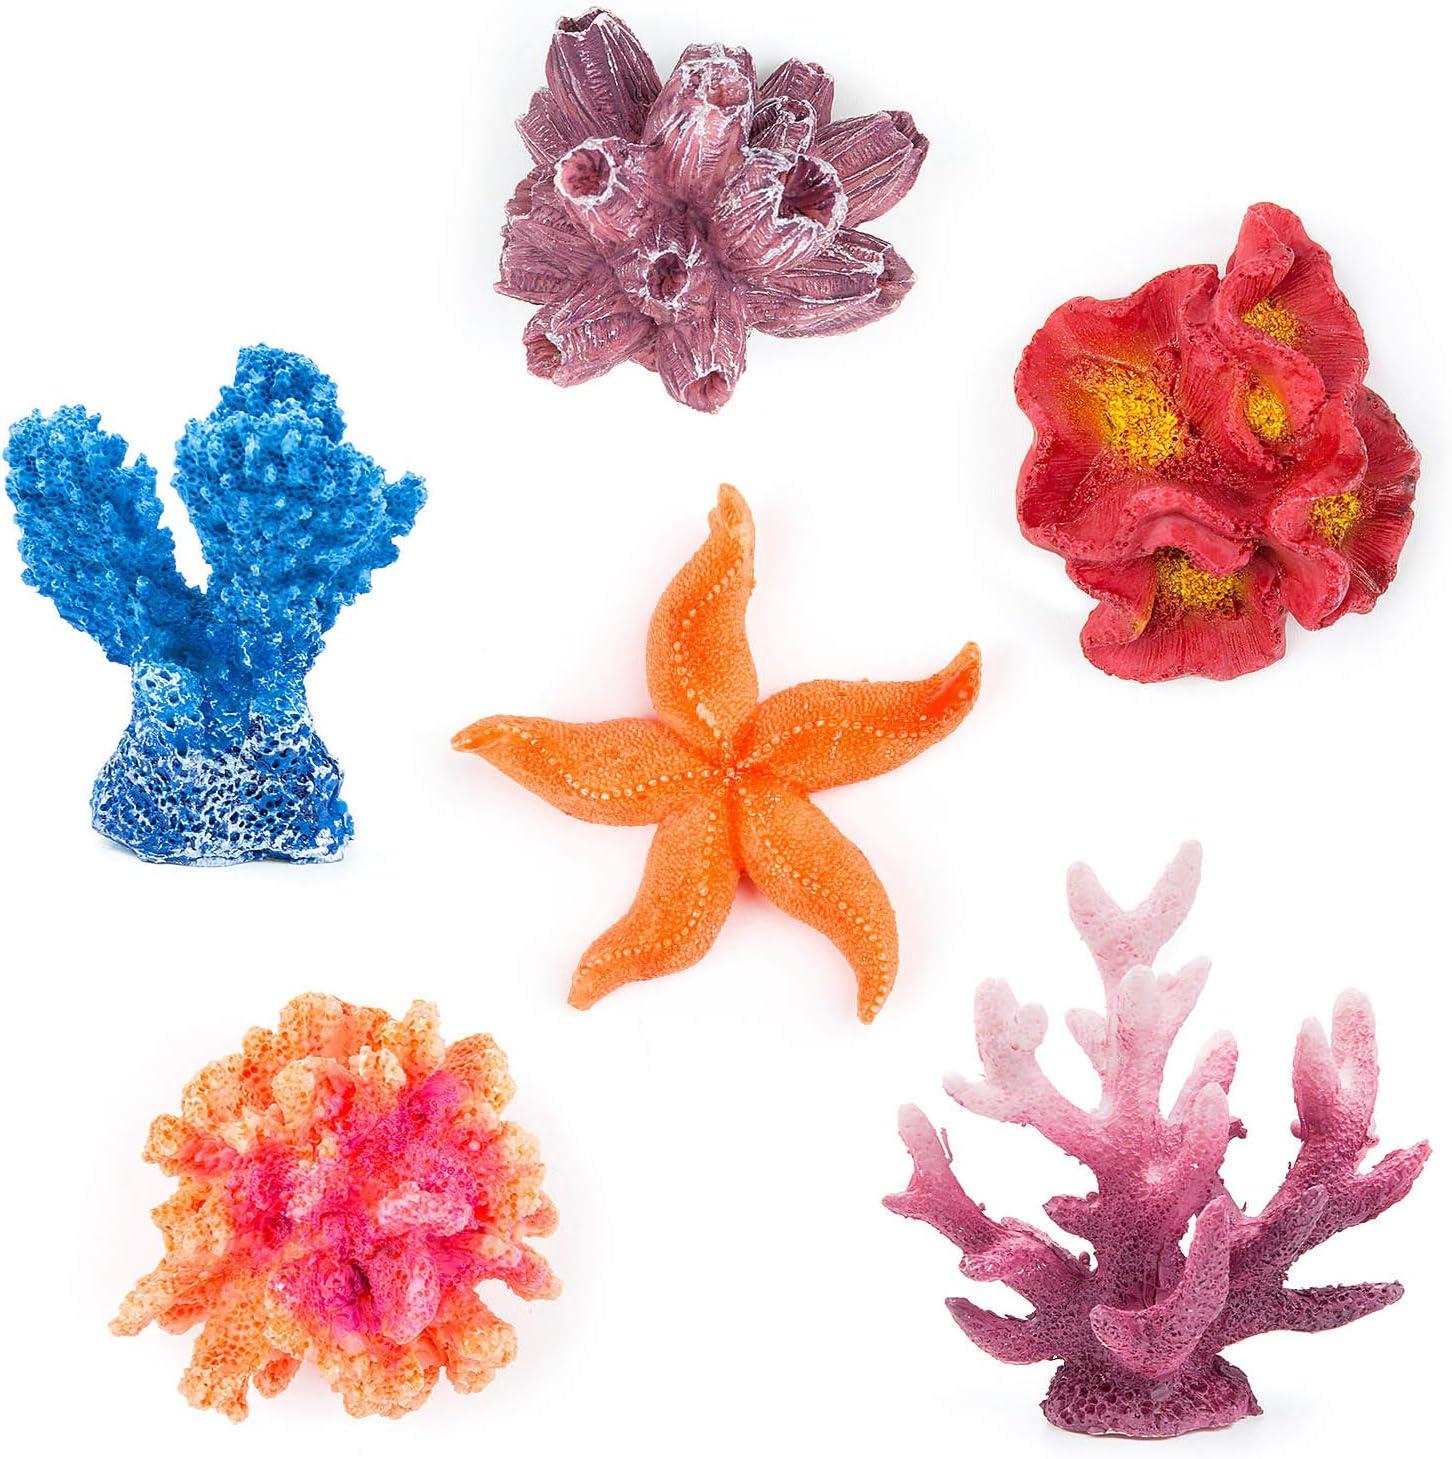 Jolintek 5 Pezzi Resina Corallo Stella Decorazione Acquario Serbatoio Ornamento Aquarium Ornament Coral Fish Tank Aquarium Artificiale di Corallo per Acquario di Pesci Subacqueo Giardino Terre